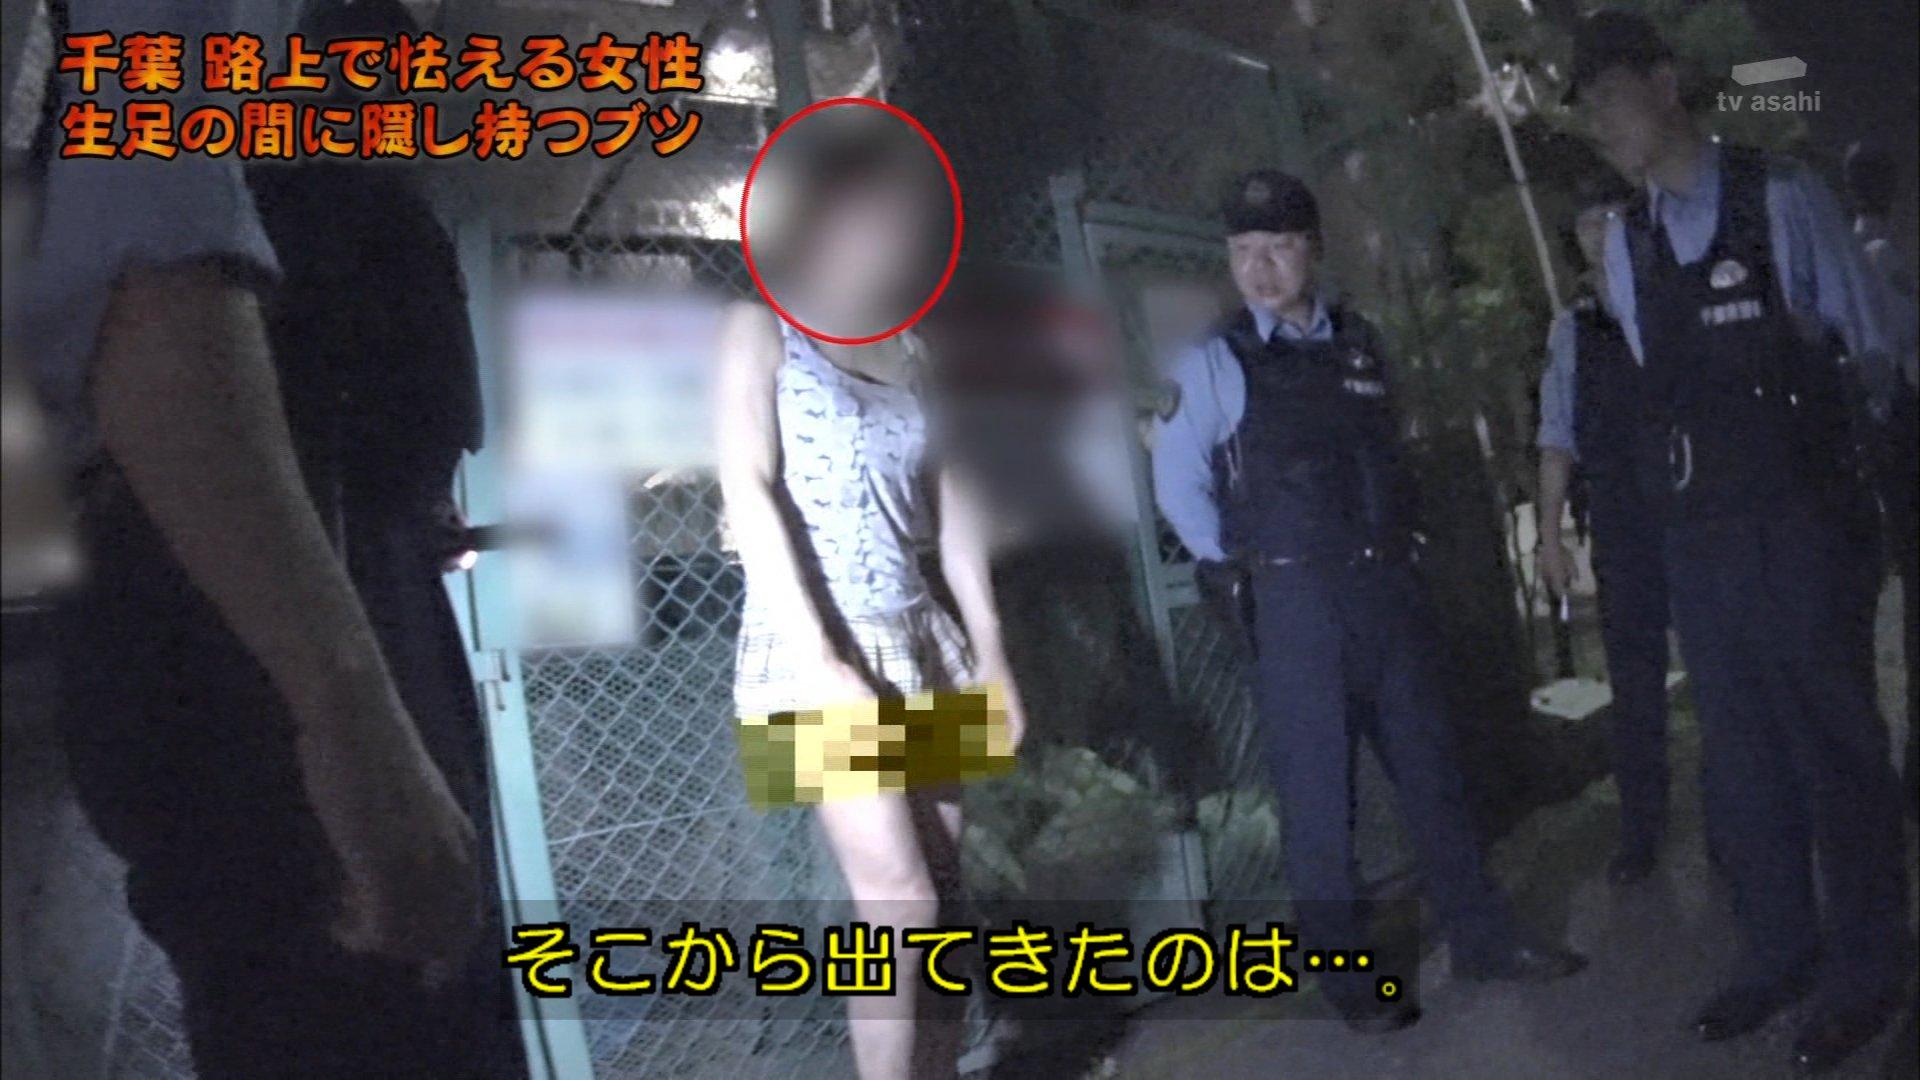 現行犯逮捕w路上で怯える不審な女性の股間から見えたものに警察官一同驚愕www